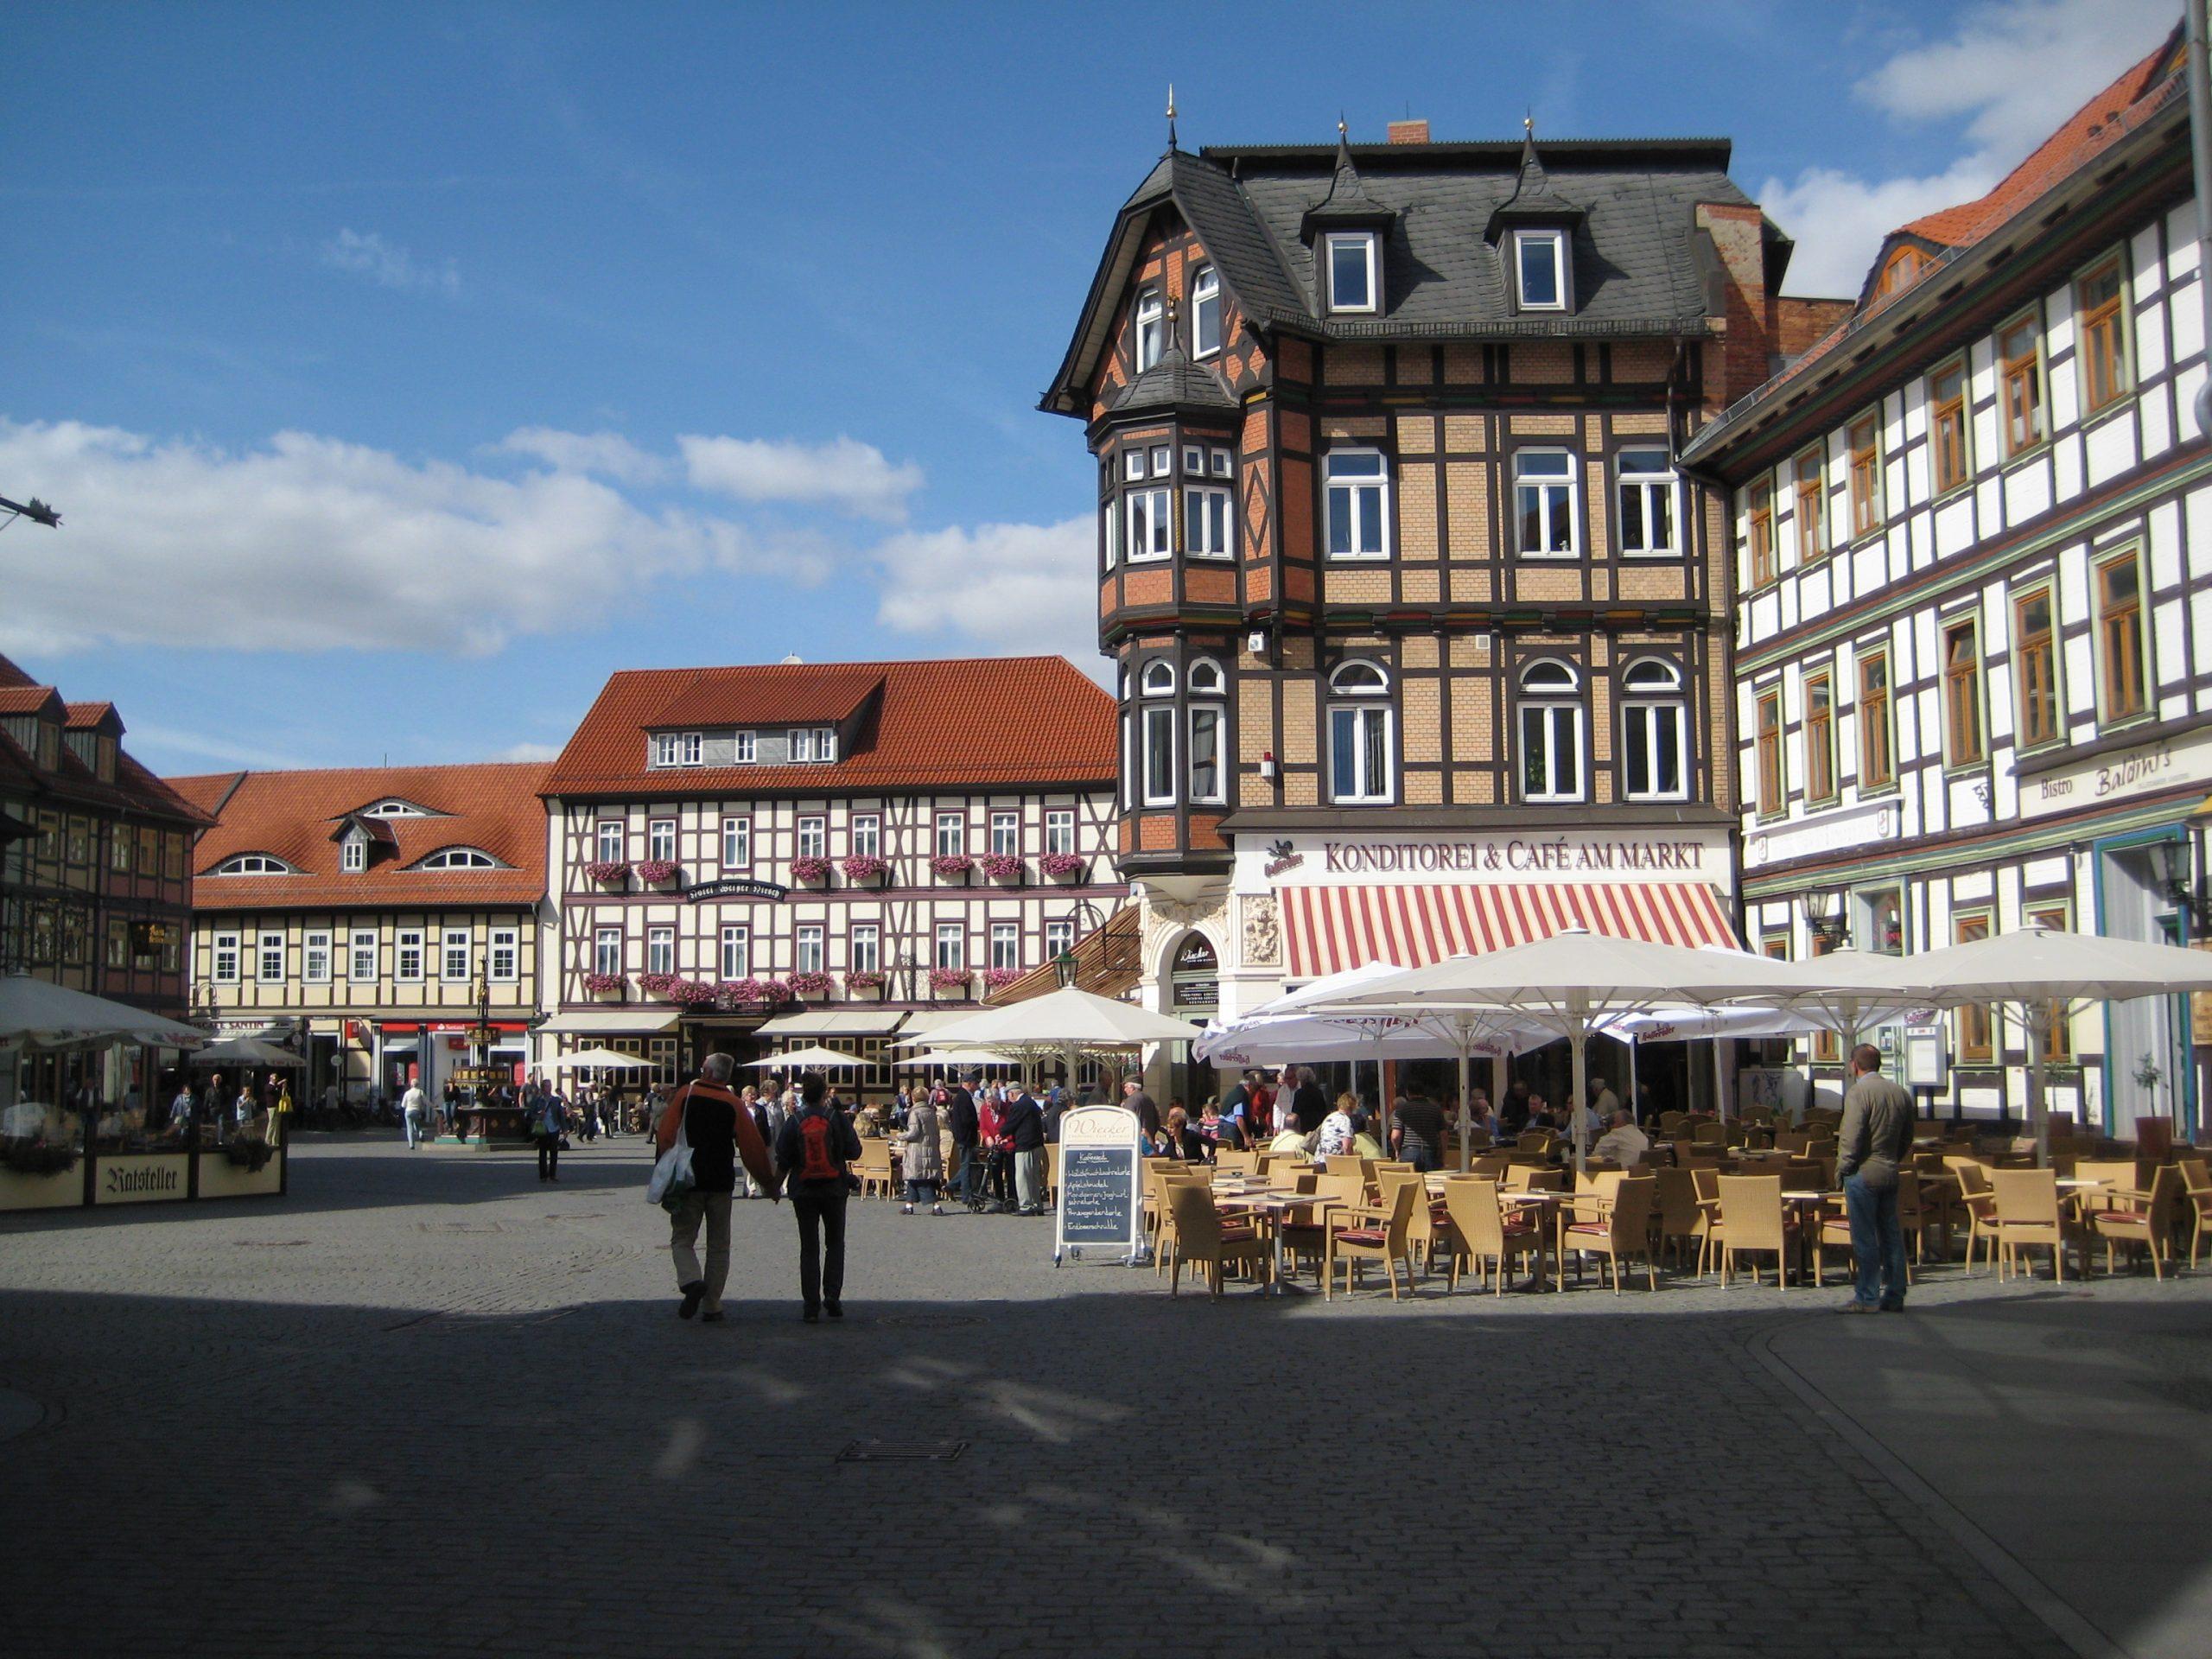 02 Rathausplatz